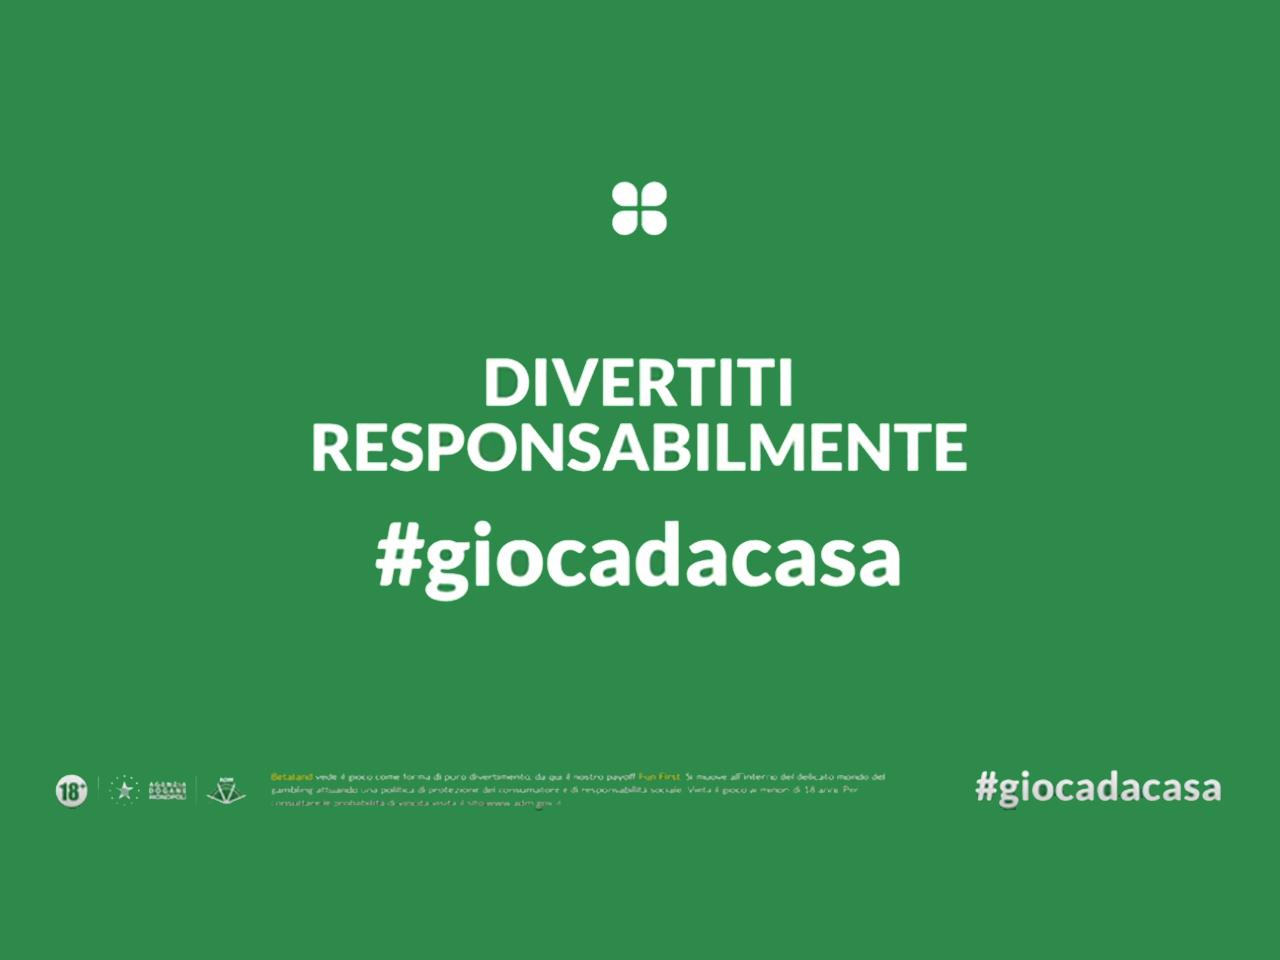 Betaland Covid-19: #giocadacasa e gioco responsabile